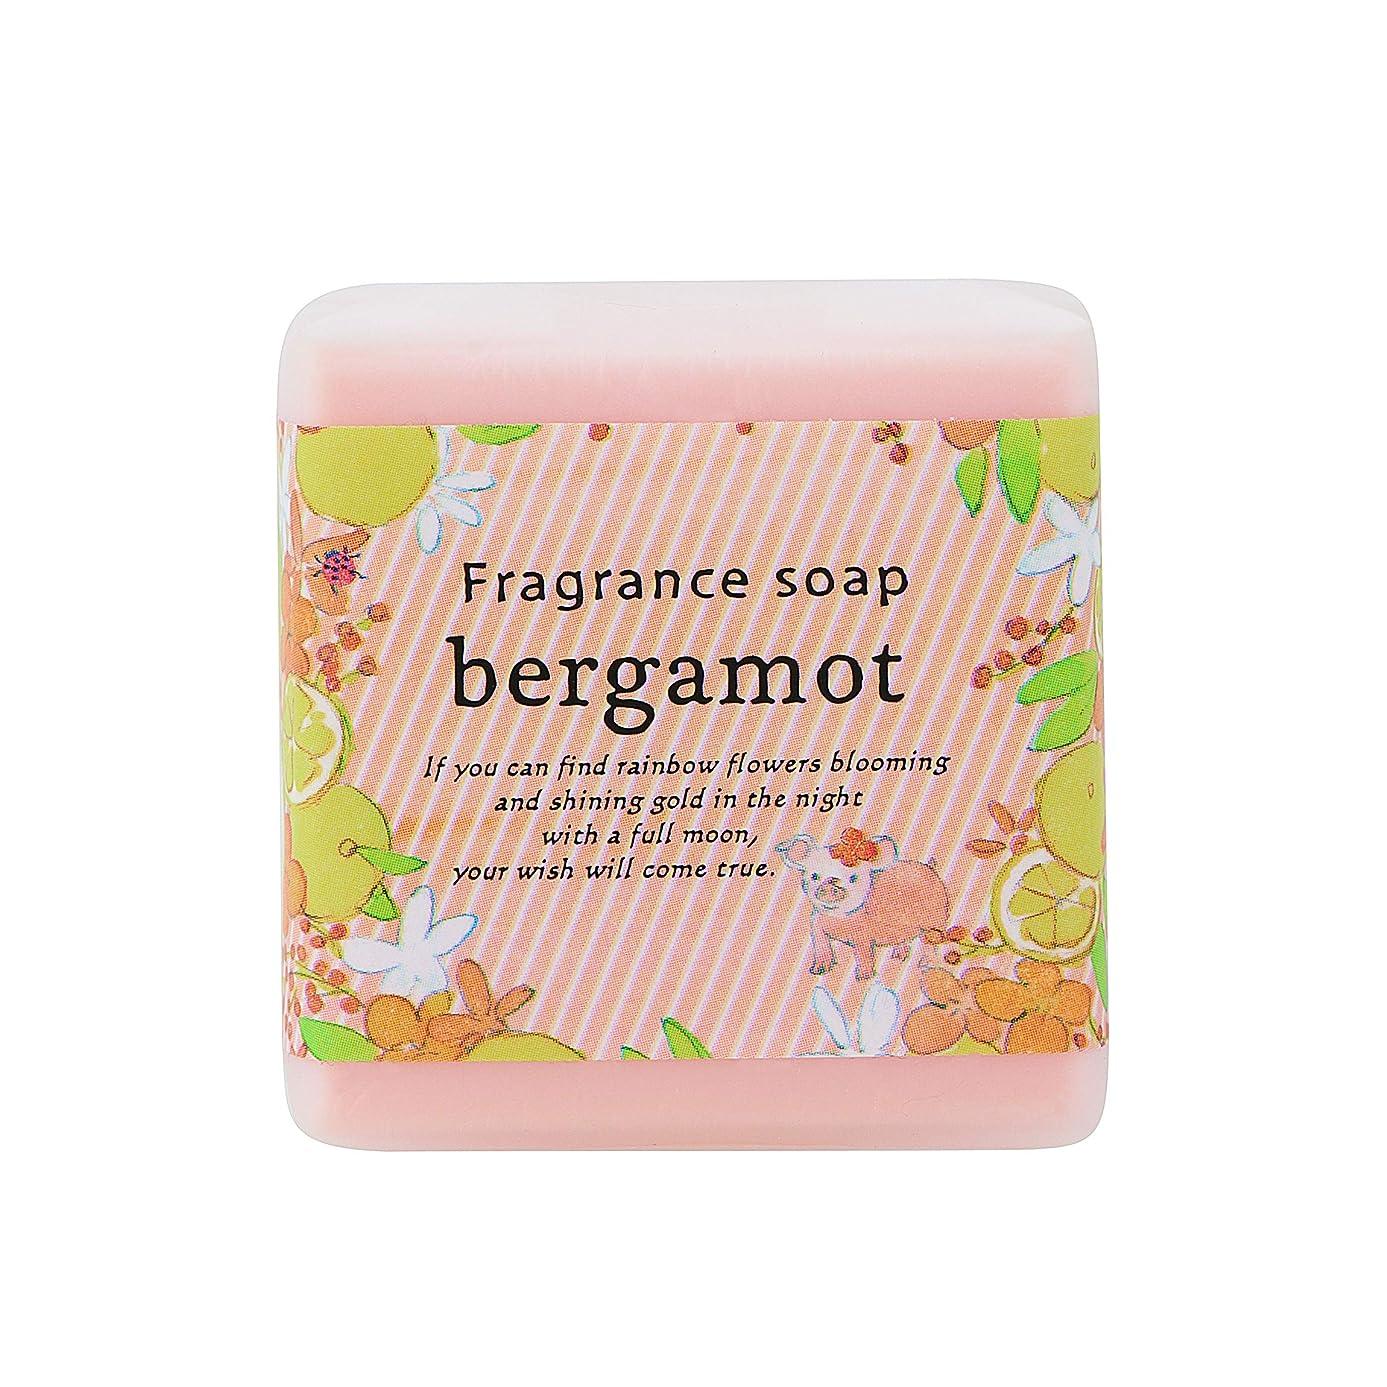 サンハーブ フレグランスソープ40g ベルガモット 12個(プチ石けん ゲストソープ 懐かしい甘酸っぱい香り)